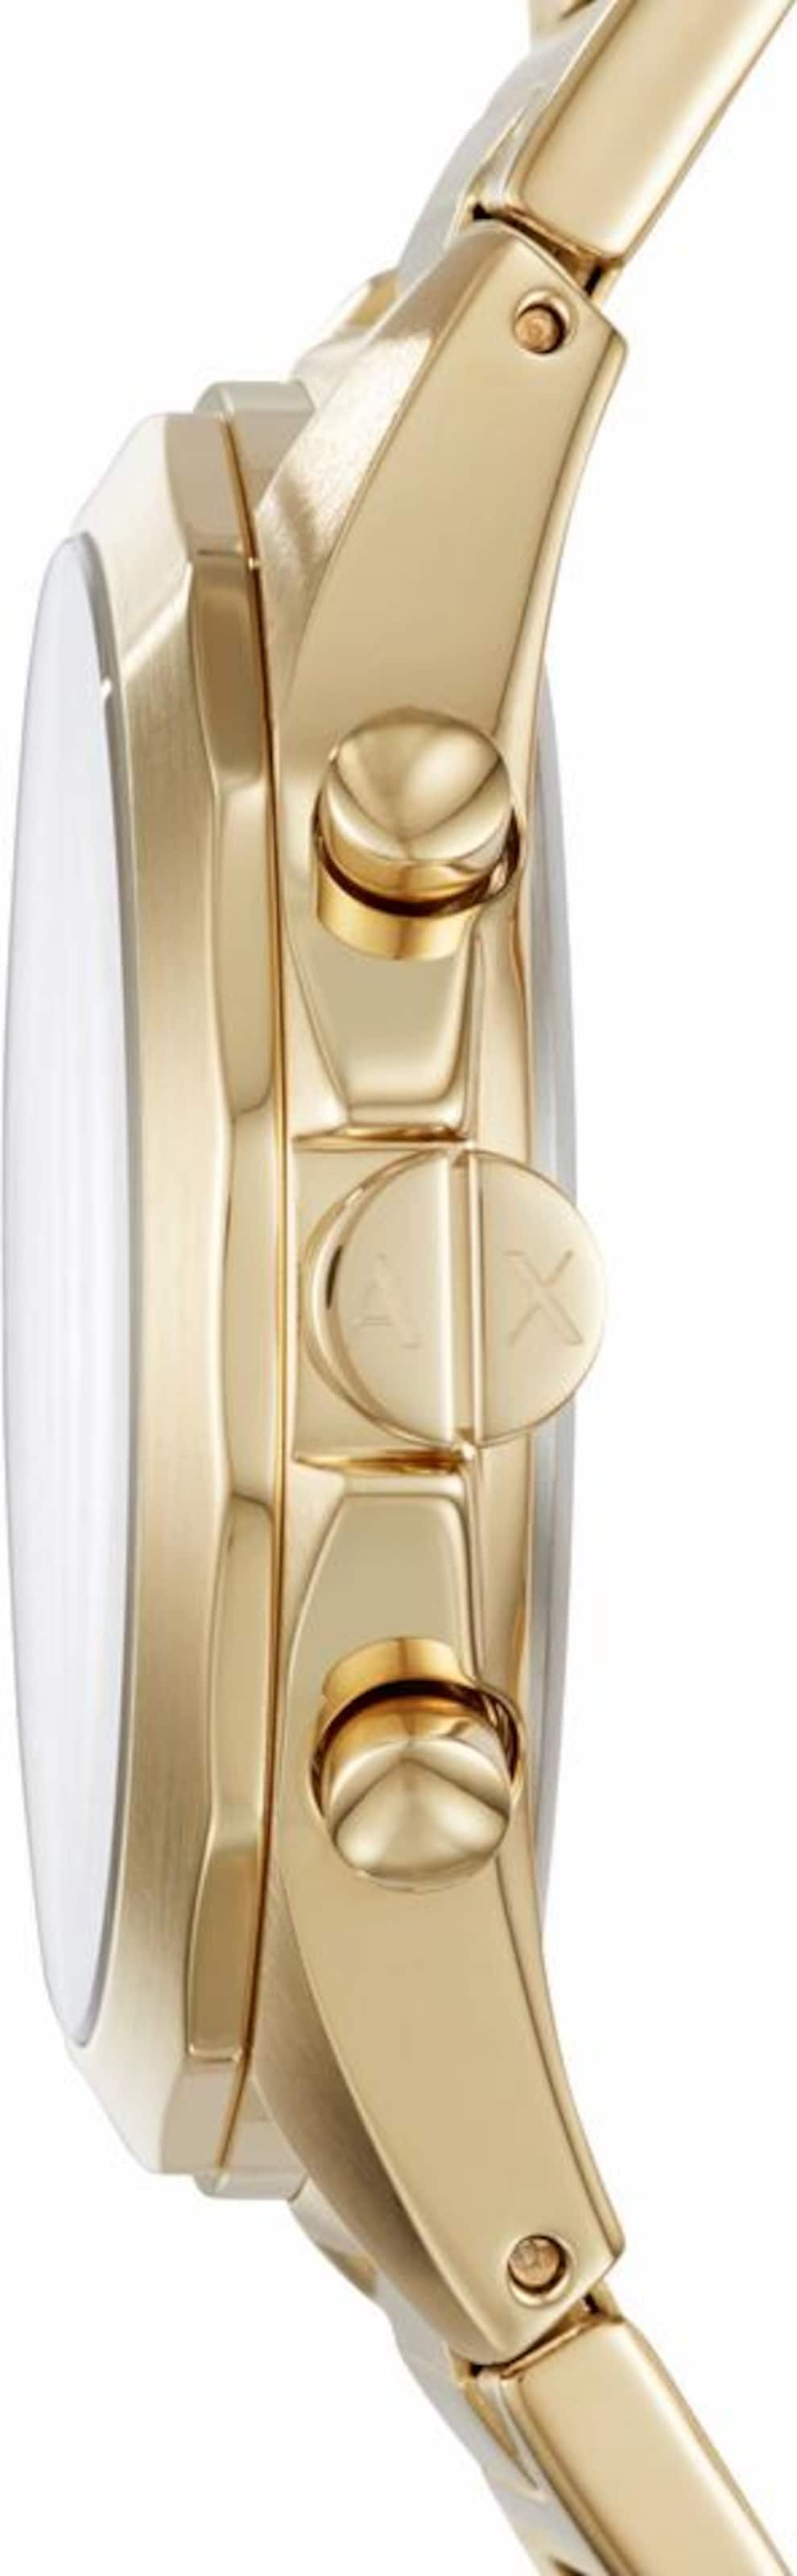 ARMANI EXCHANGE Chronograph 'DREXLER. AX2602' Rabatte Günstige Preise Authentisch Günstige Preise Echt Verkauf Online r7a7FE